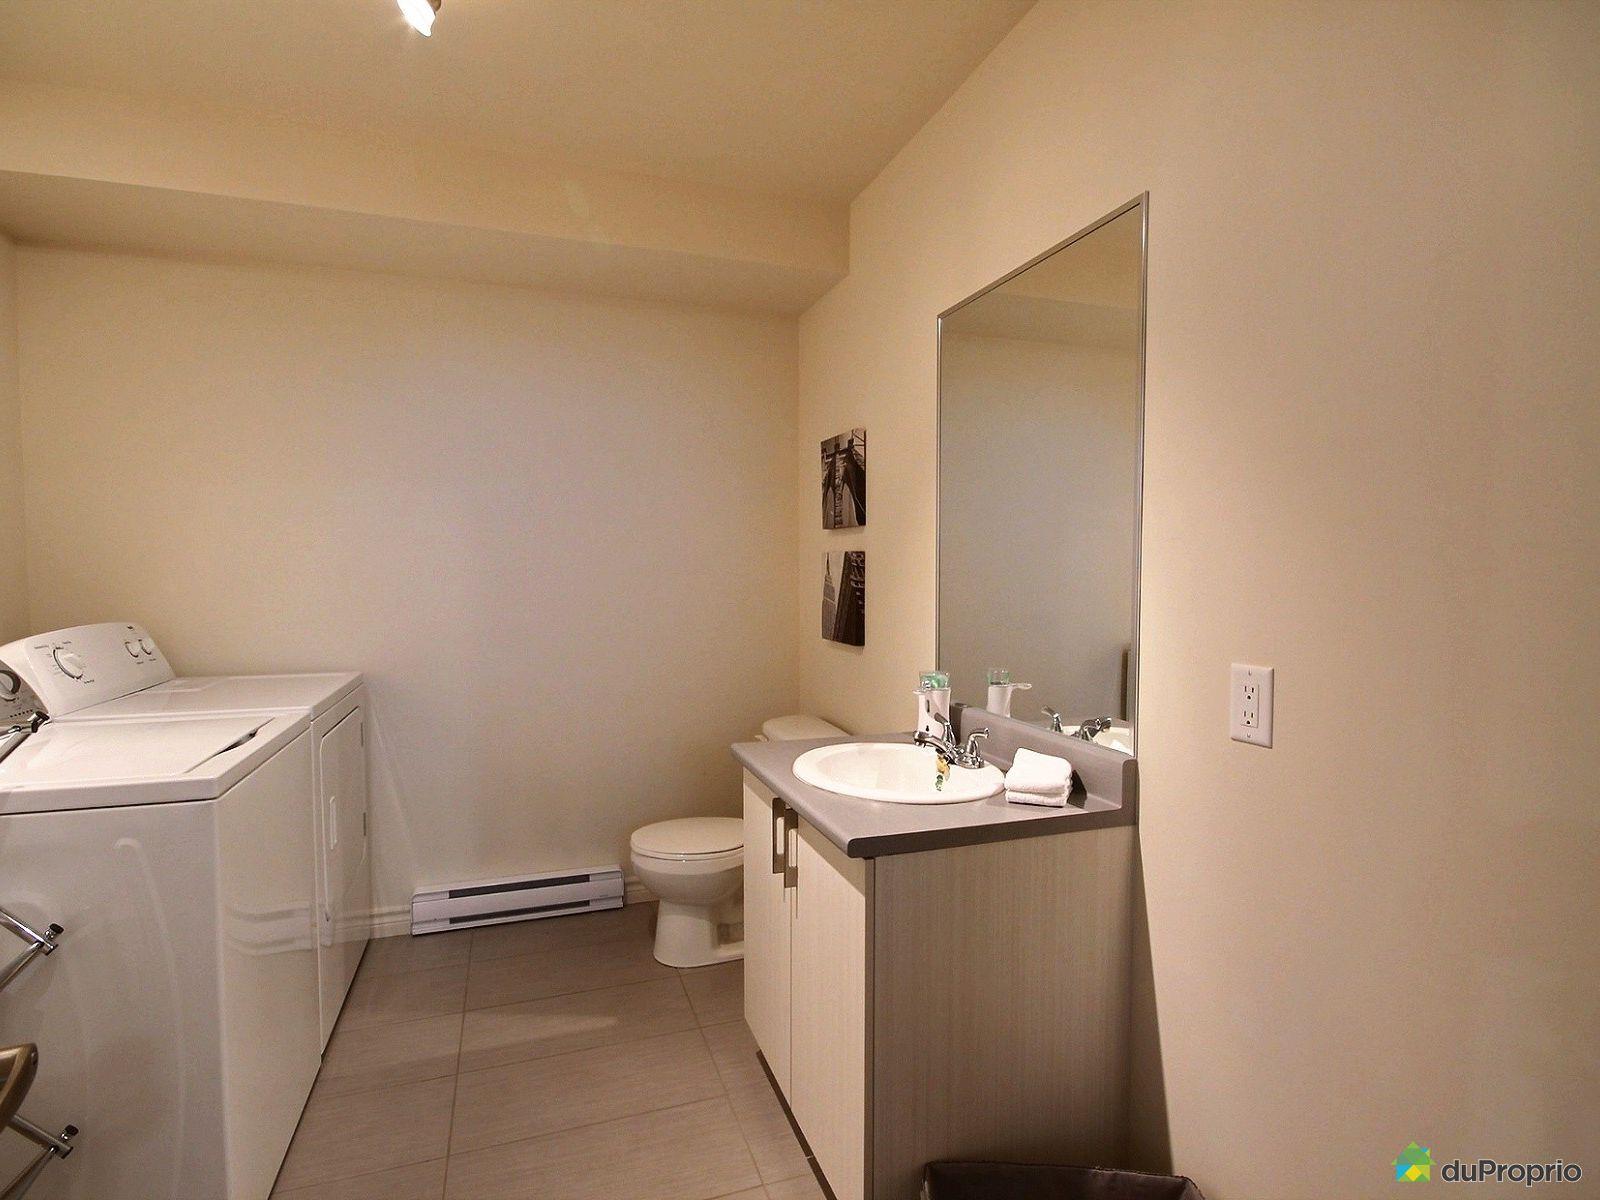 Maison vendre st j r me 1669 rue wilfrid pelletier for Accessoire salle de bain st jerome